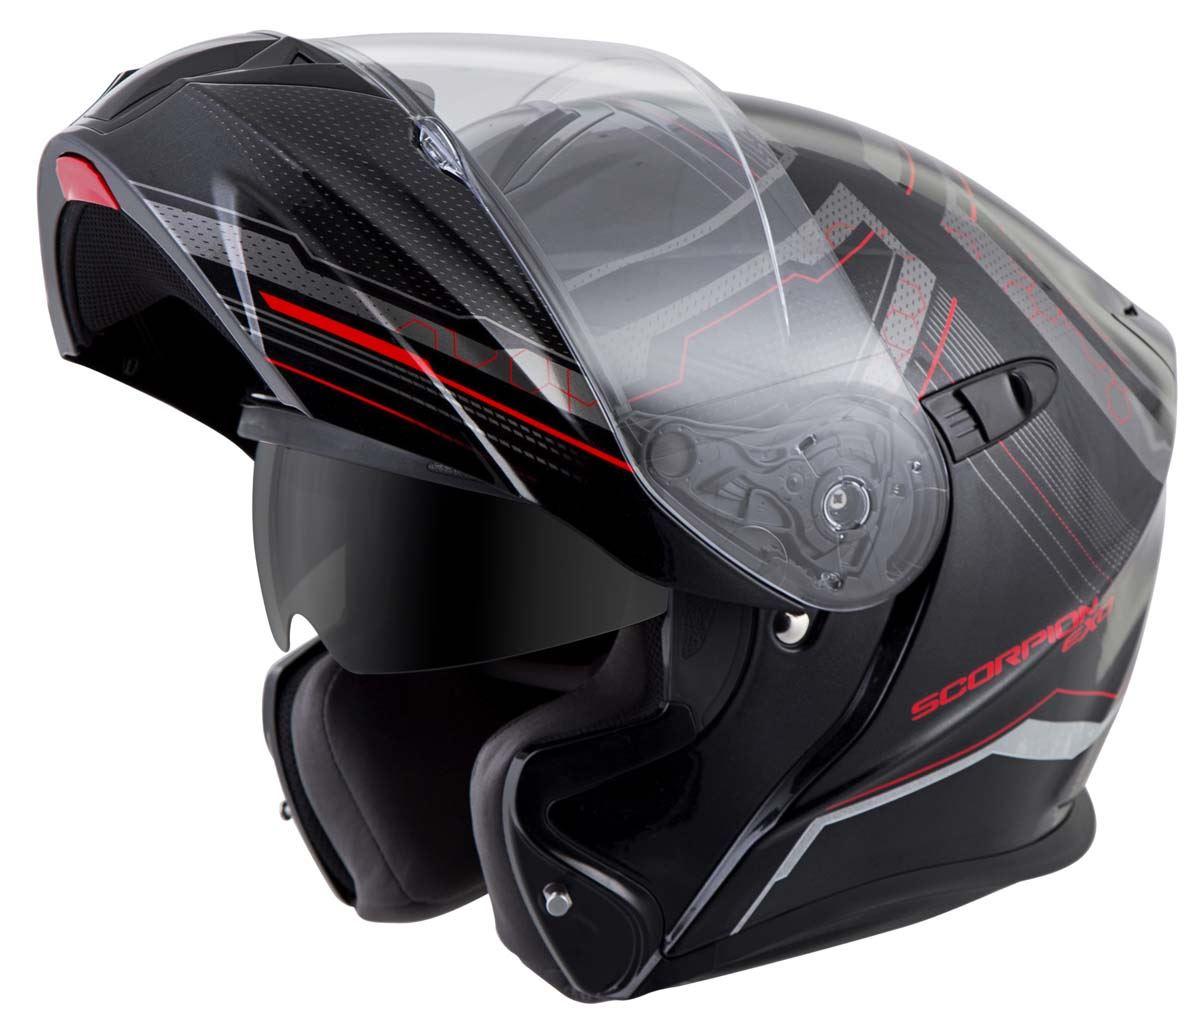 Scorpion-EXO-GT920-Helmet-Sport-Touring-Modular-Flip-Up-DOT-Approved-XS-3XL miniature 25